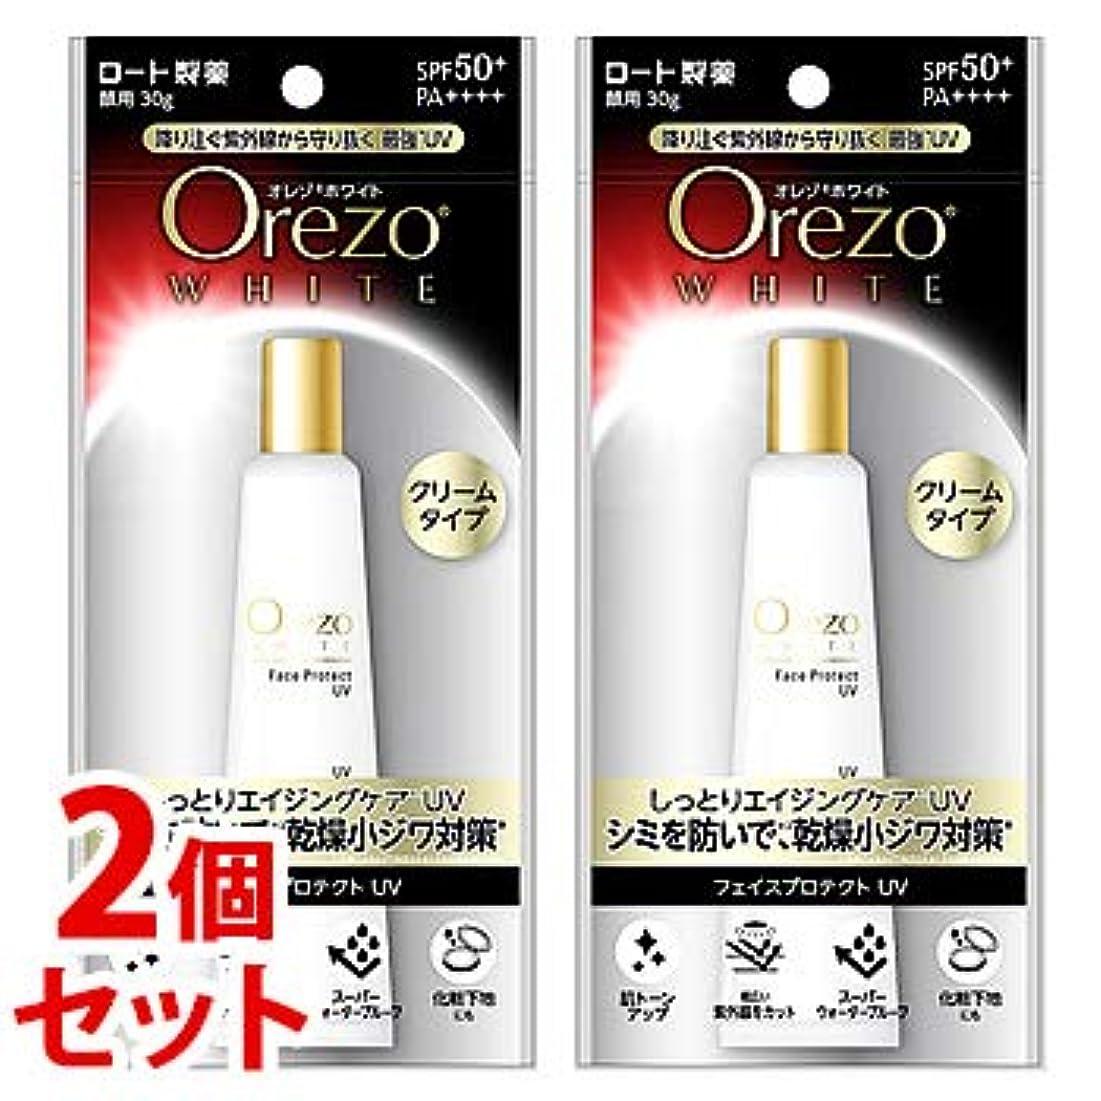 サスティーン文字通り滅びる《セット販売》 ロート製薬 Orezo オレゾ ホワイト フェイスプロテクトUV SPF50+ PA++++ (30g)×2個セット 顔用 日やけ止め 化粧下地 クリームタイプ